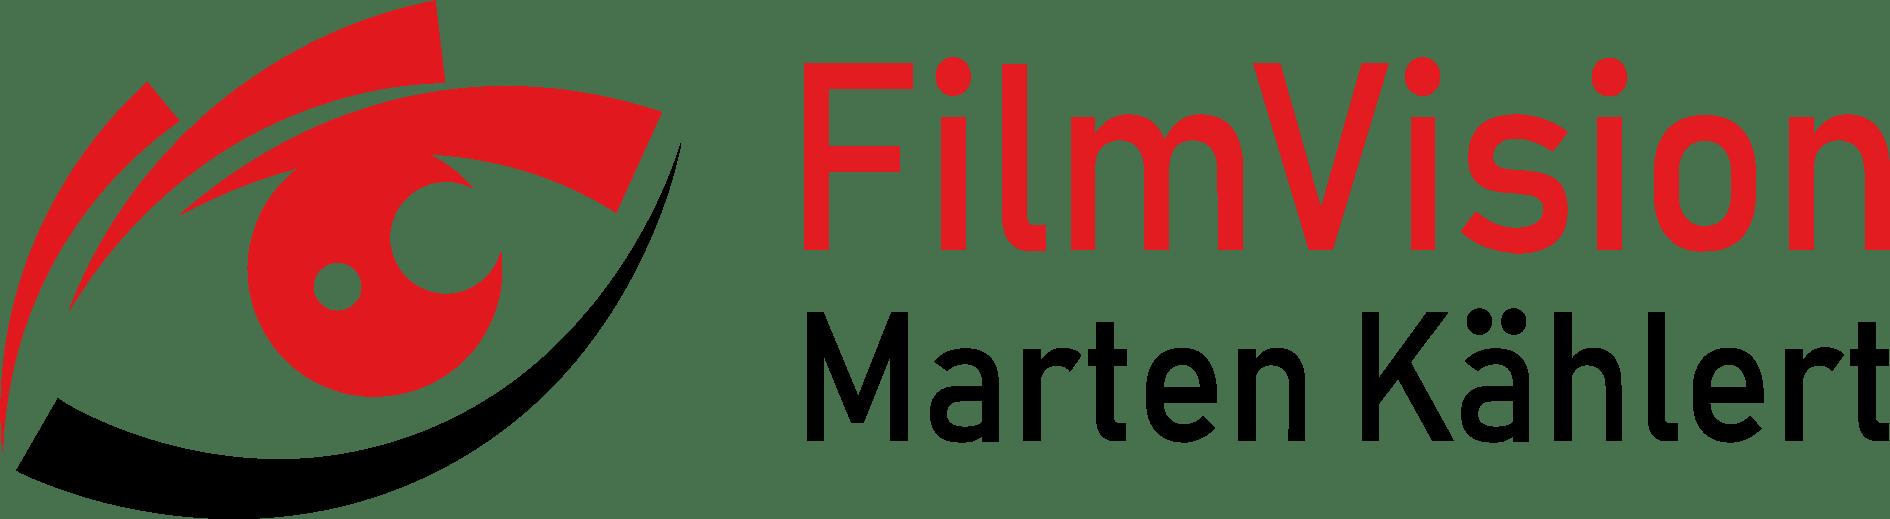 FilmVision marten kaehlert greifswald logo | Hochzeitsportal Rügen